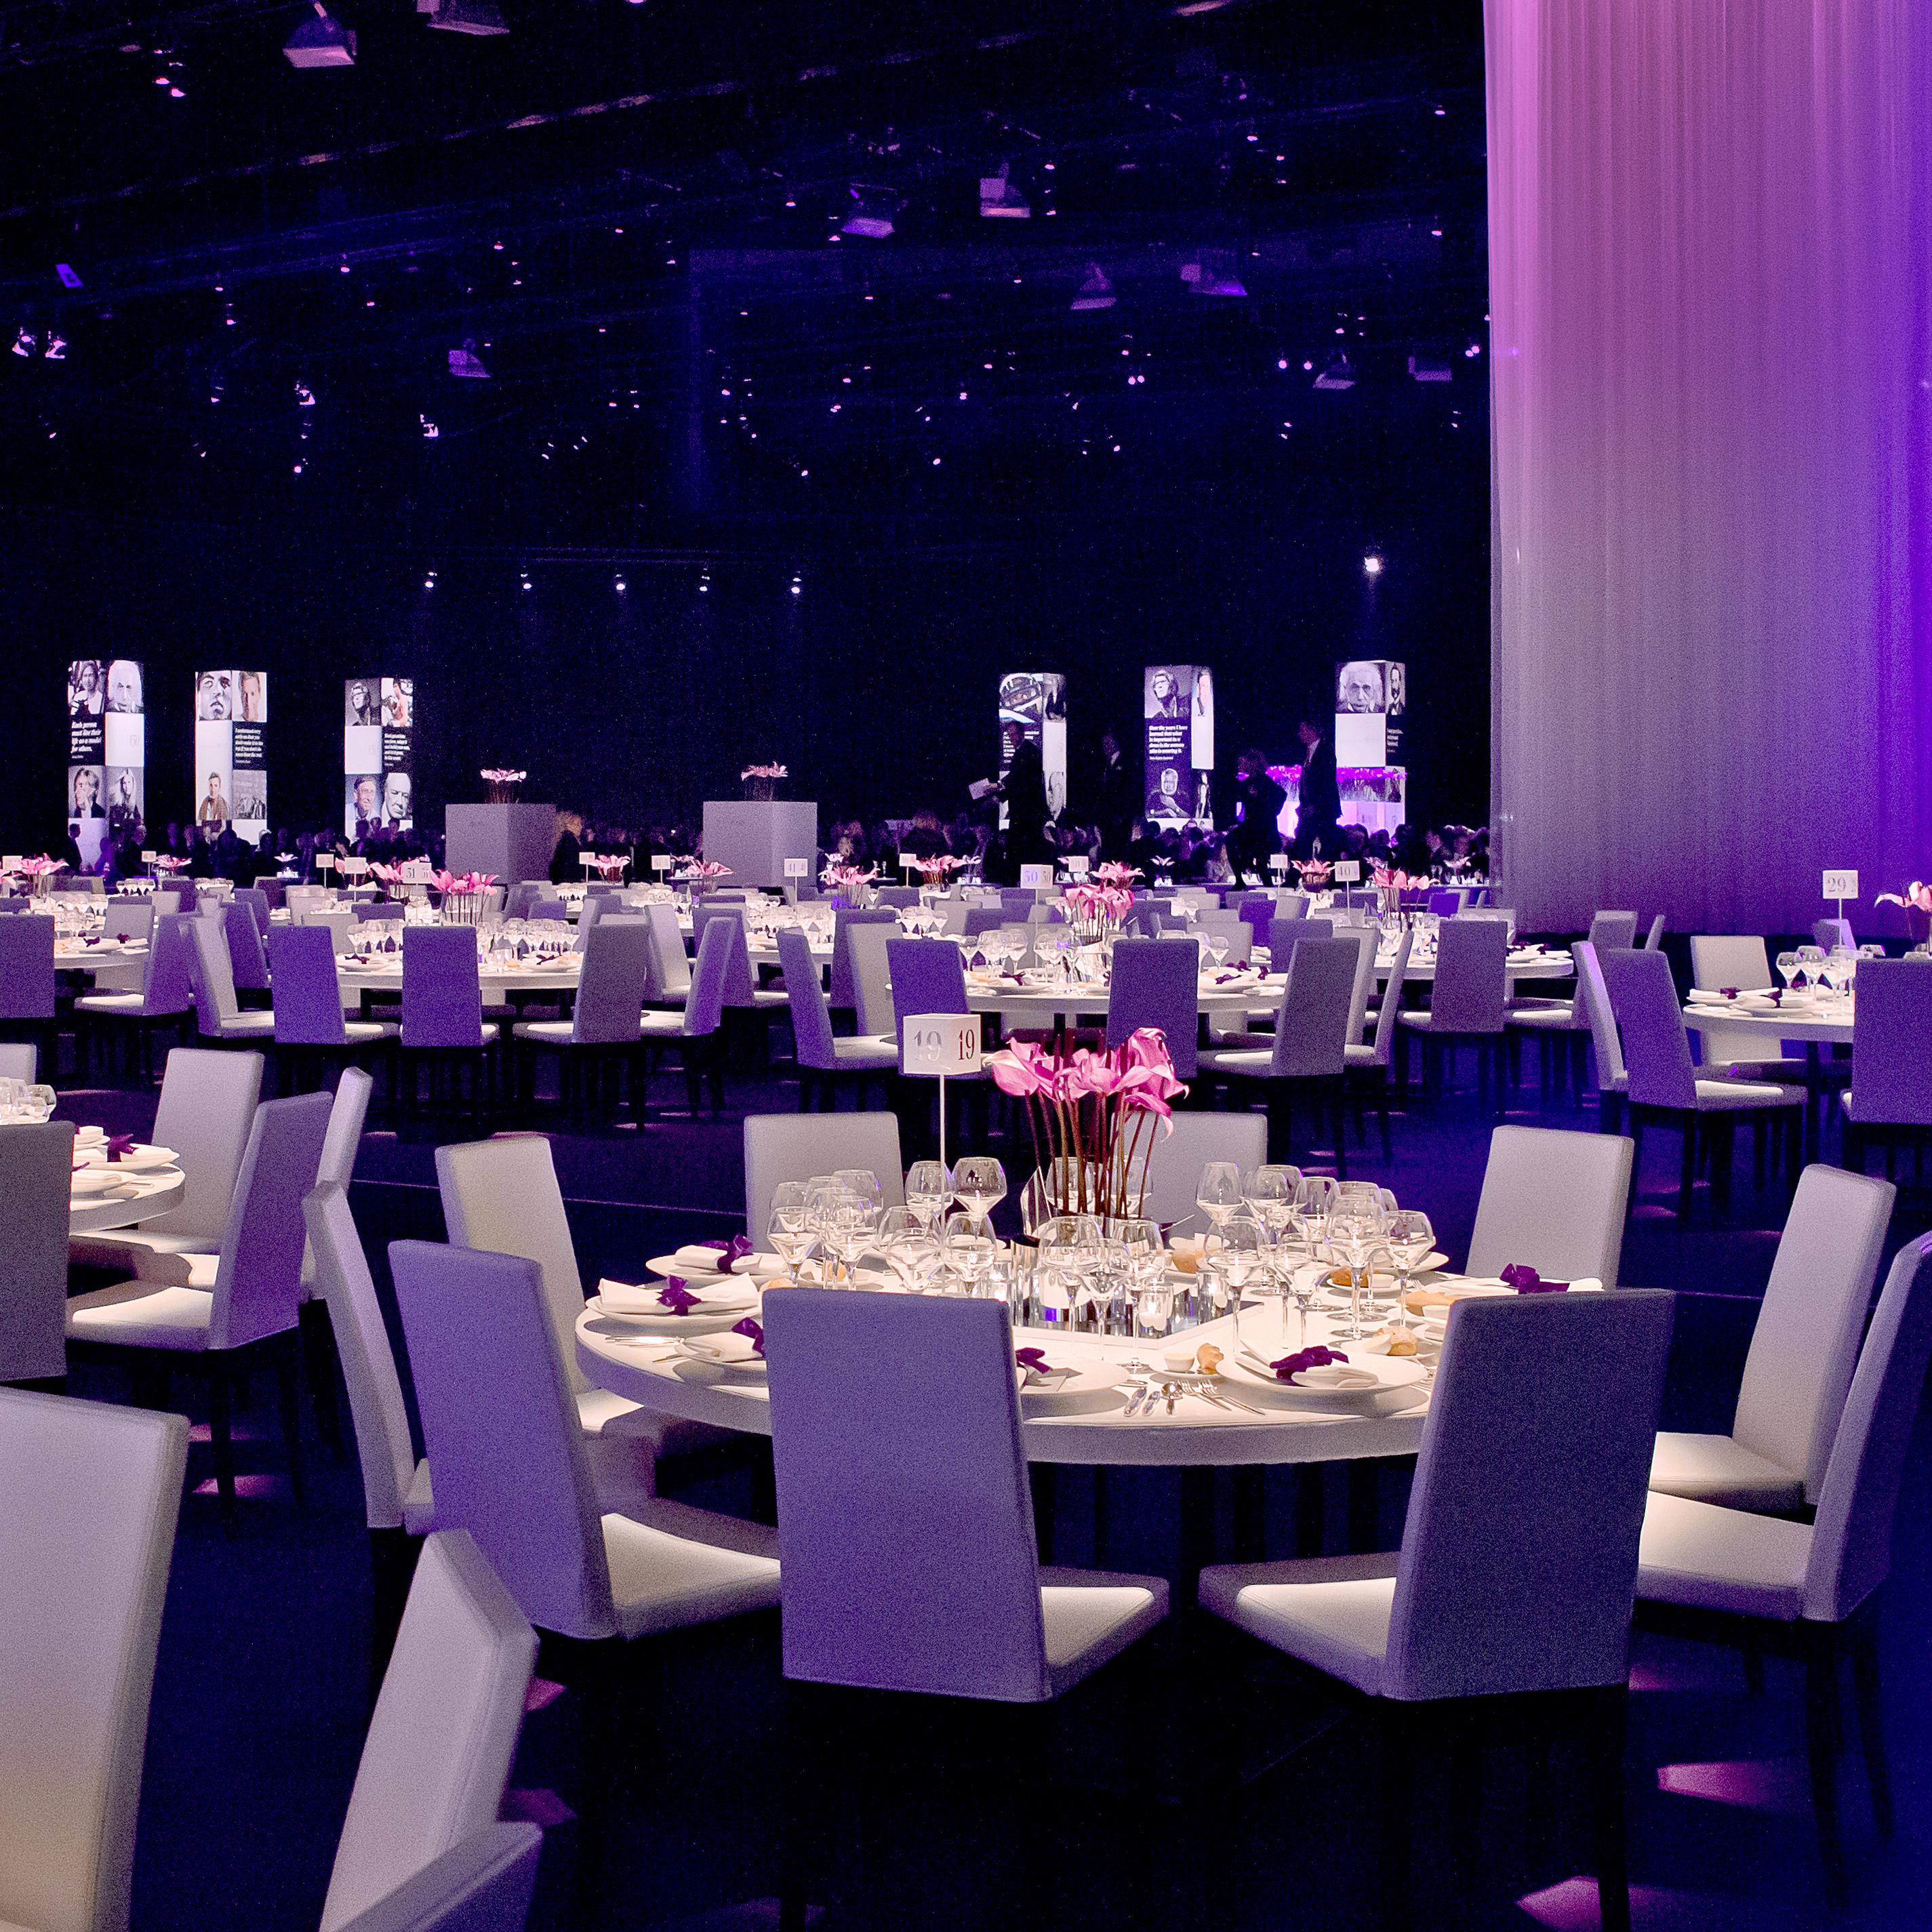 UBS 150 Jahre Jubiläum Tische